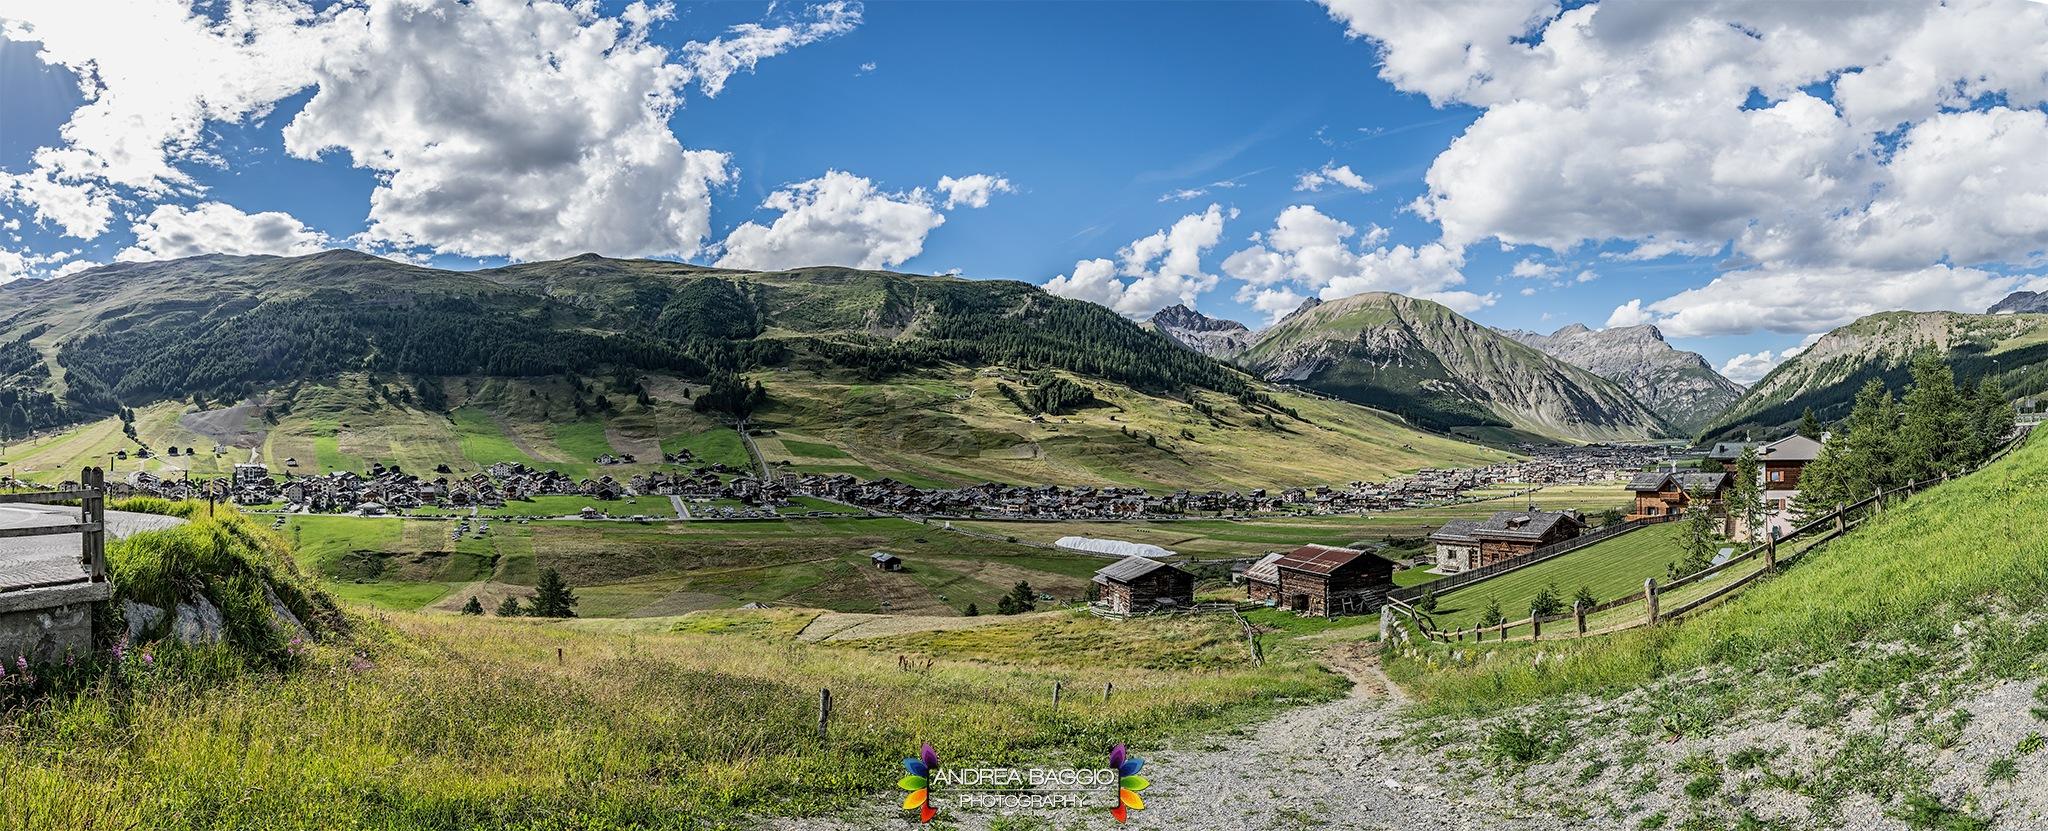 Livigno panorama by Andrea Baggio Photography